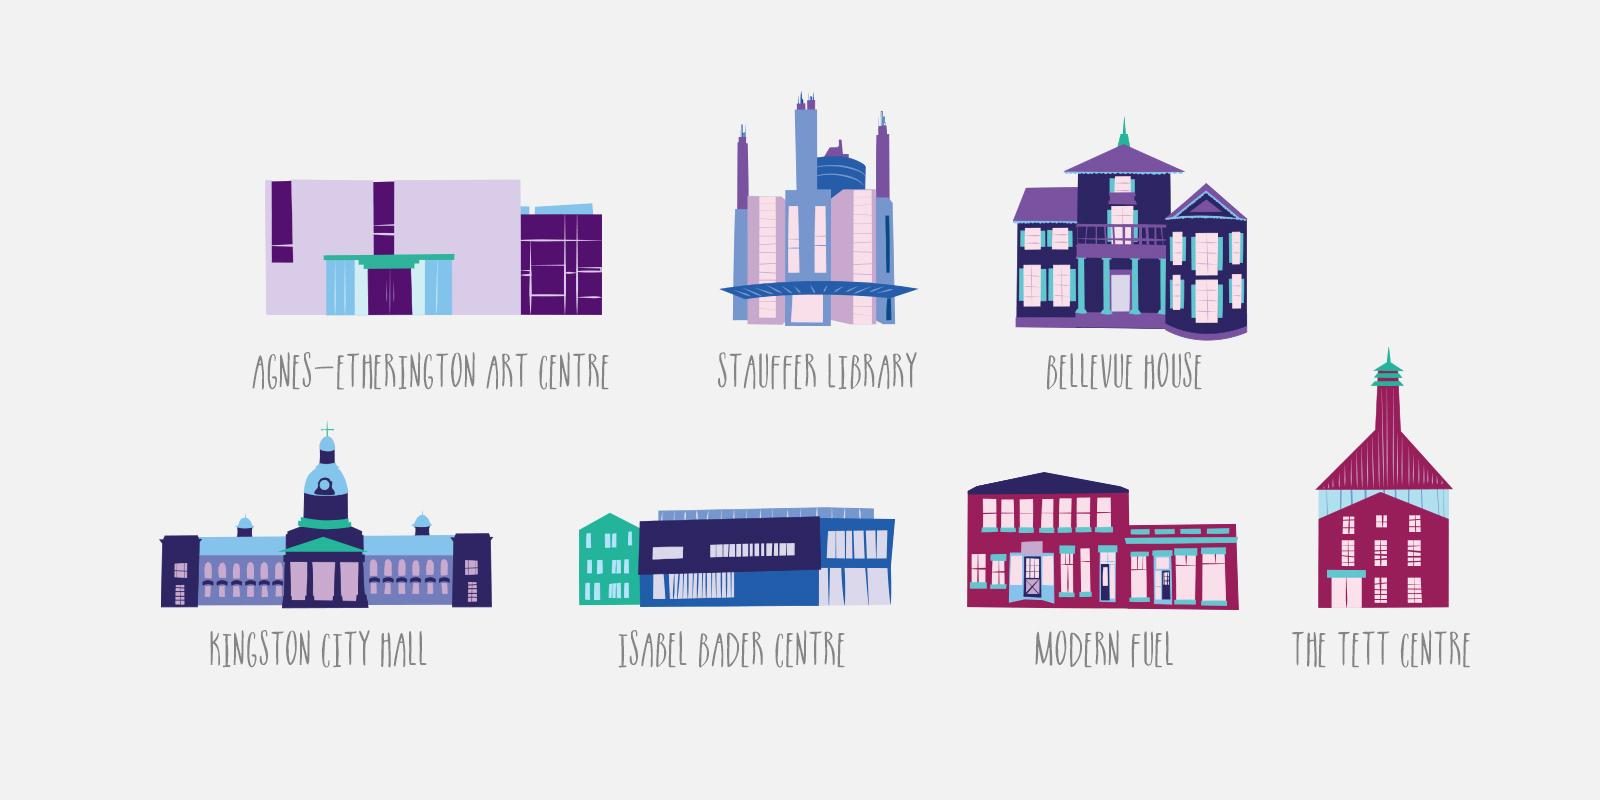 modern-fuel-brochure-illustrations